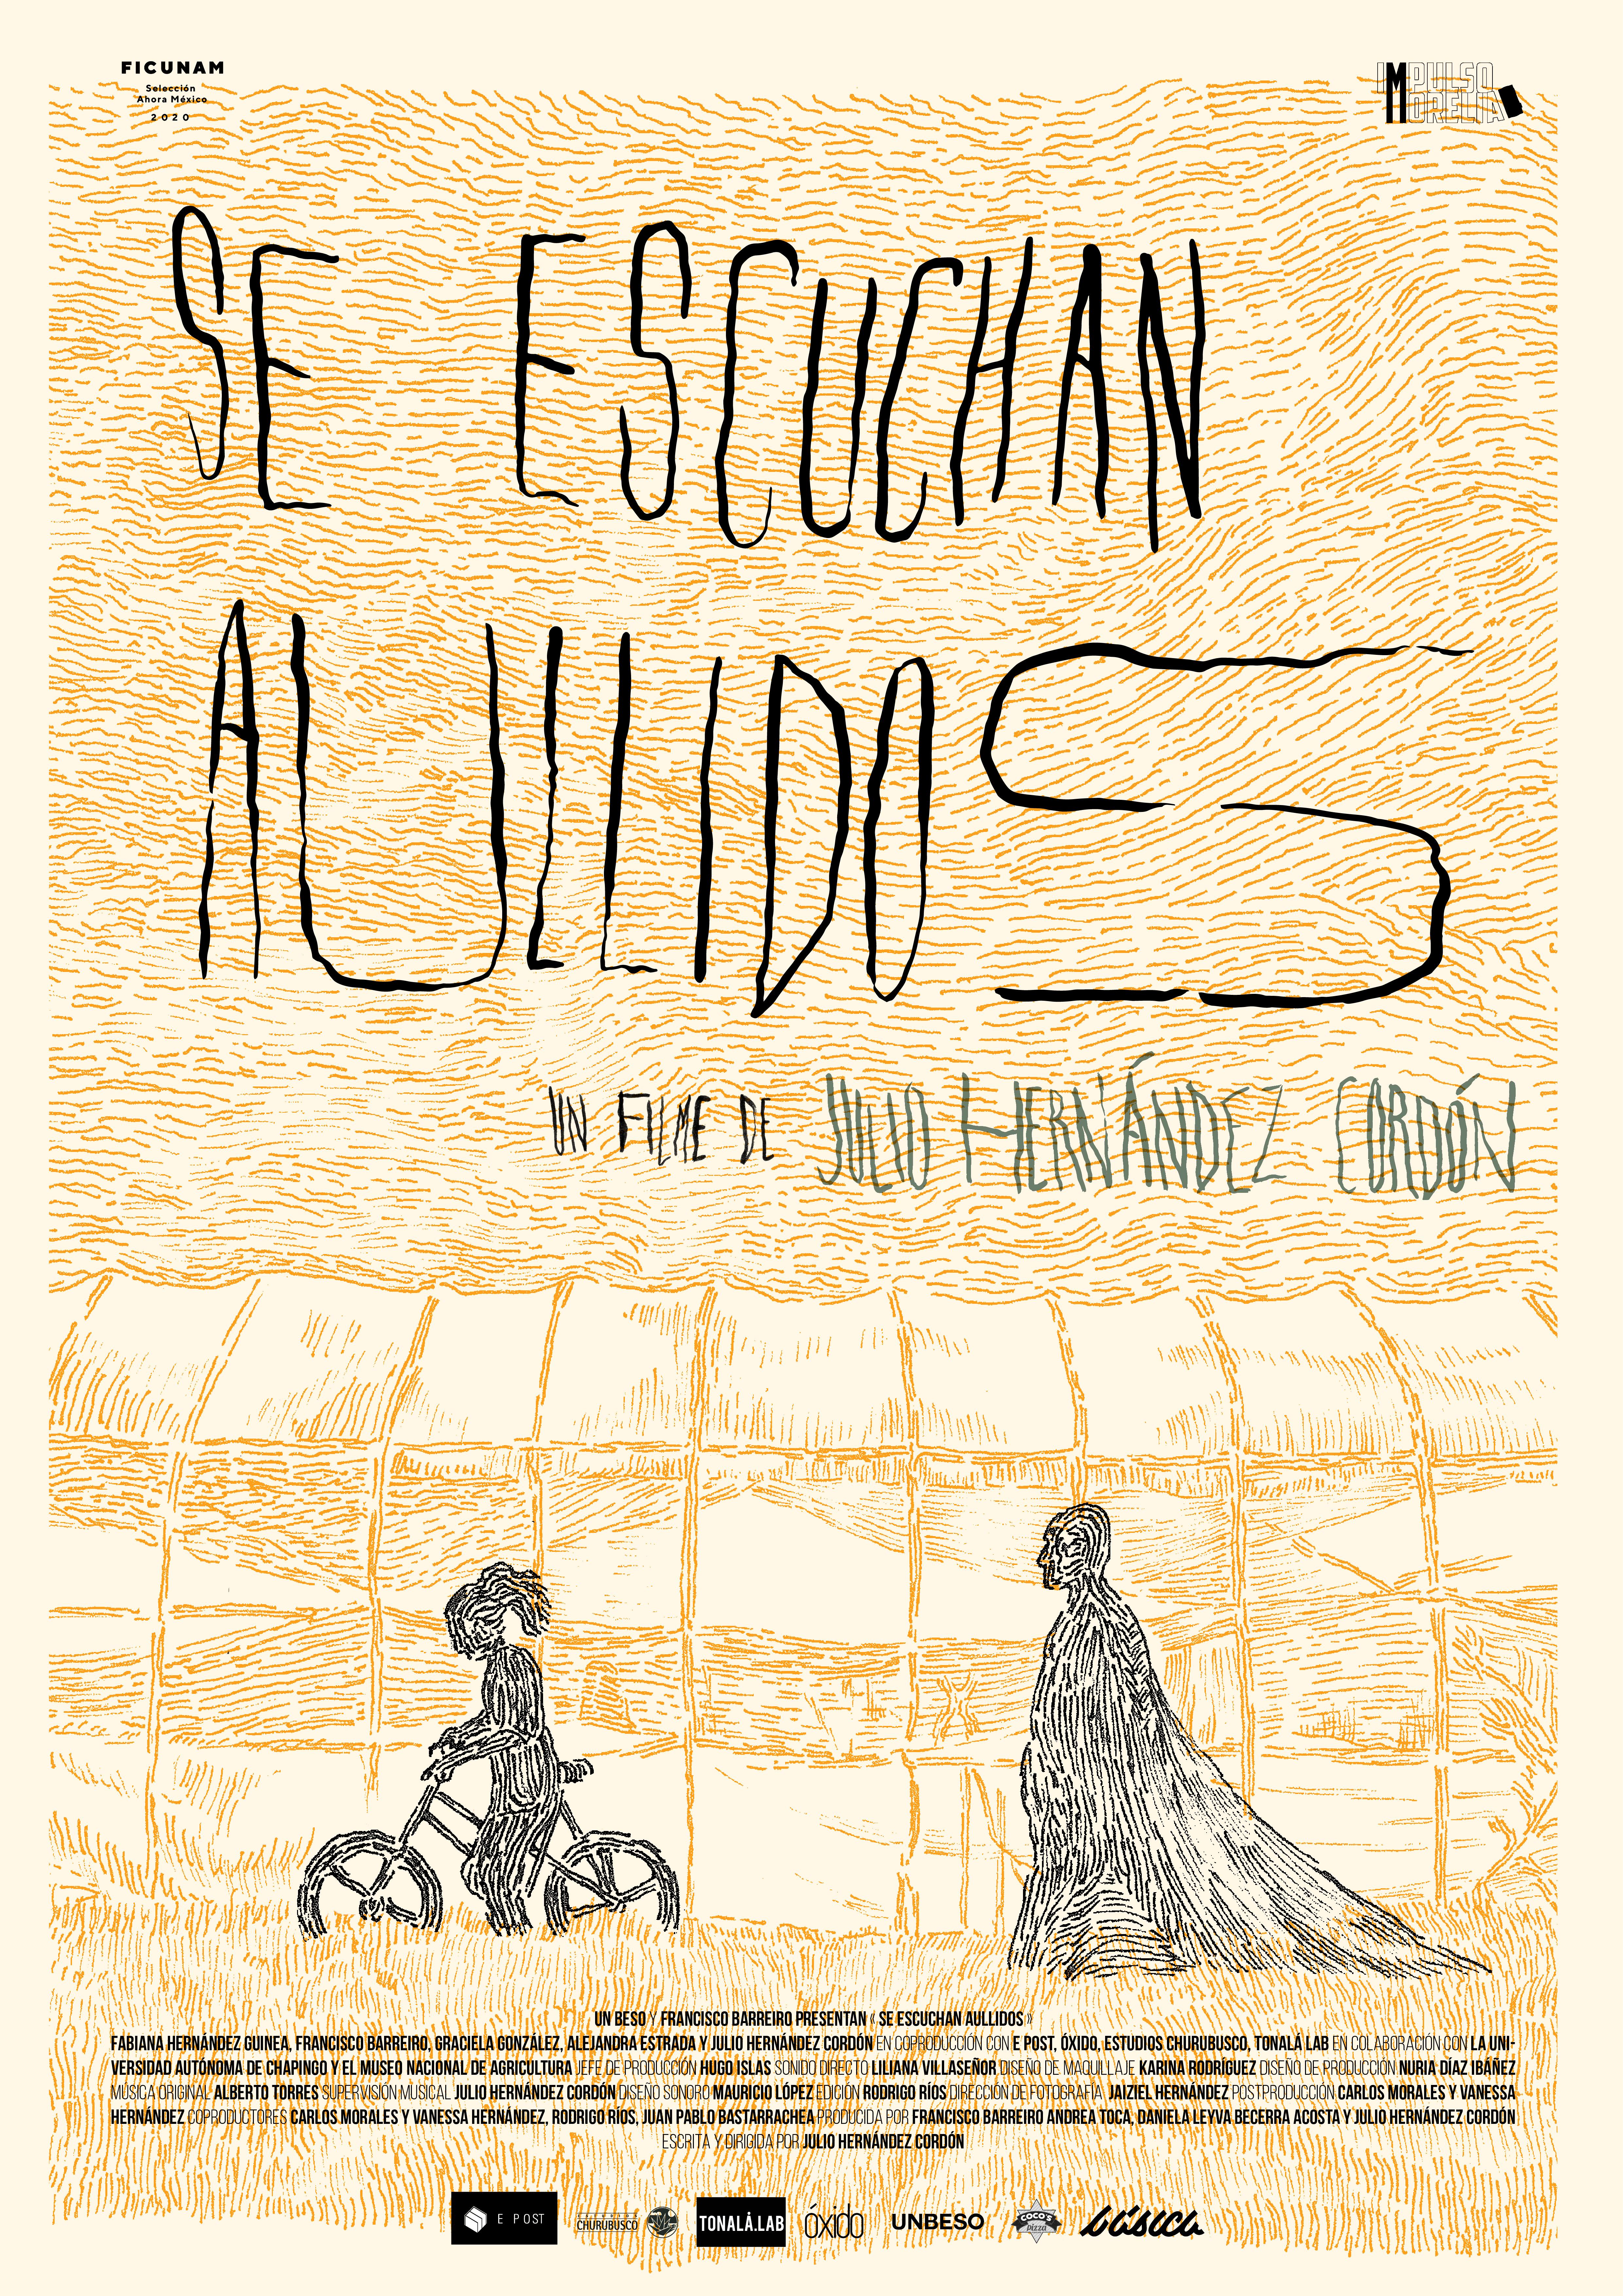 ALBERTO TORRES, julio hernández cordón, se esuchan aullidos, compositor, bso, madrid, españa, banda sonora original